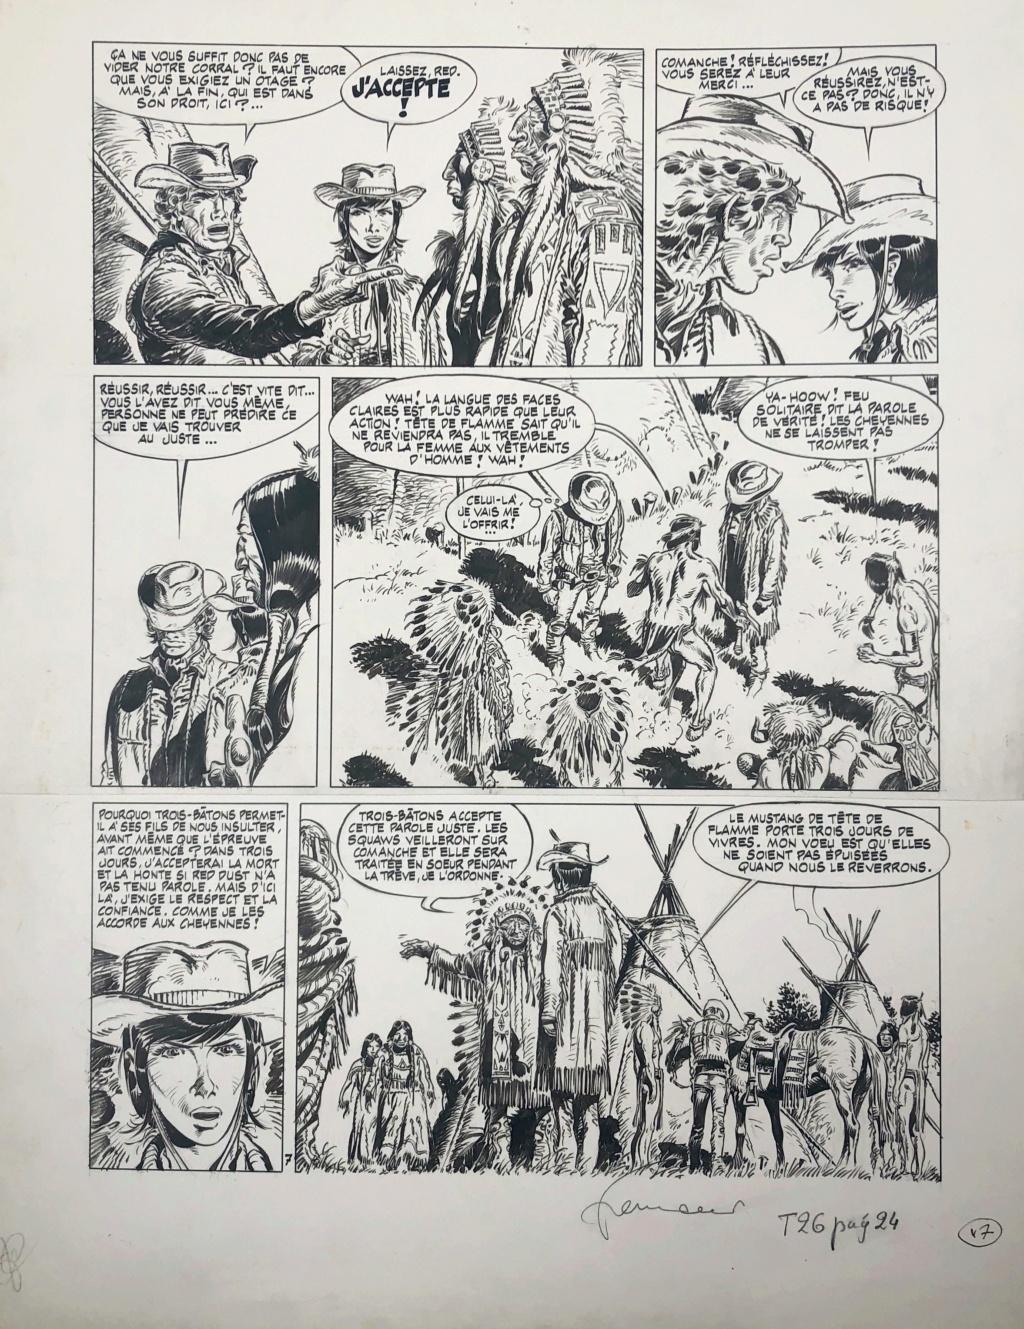 Hermann le dessinateur sans limite - Page 16 Herman10